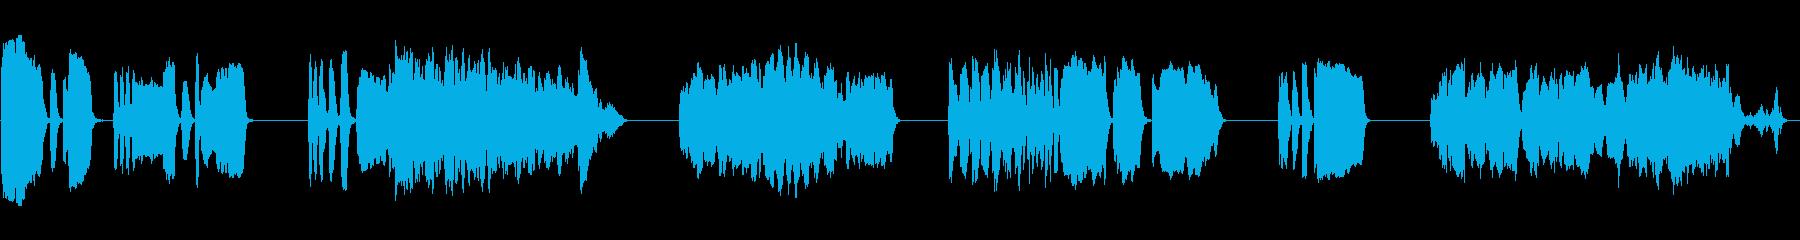 トランペット、吹く、FX、音楽、6...の再生済みの波形